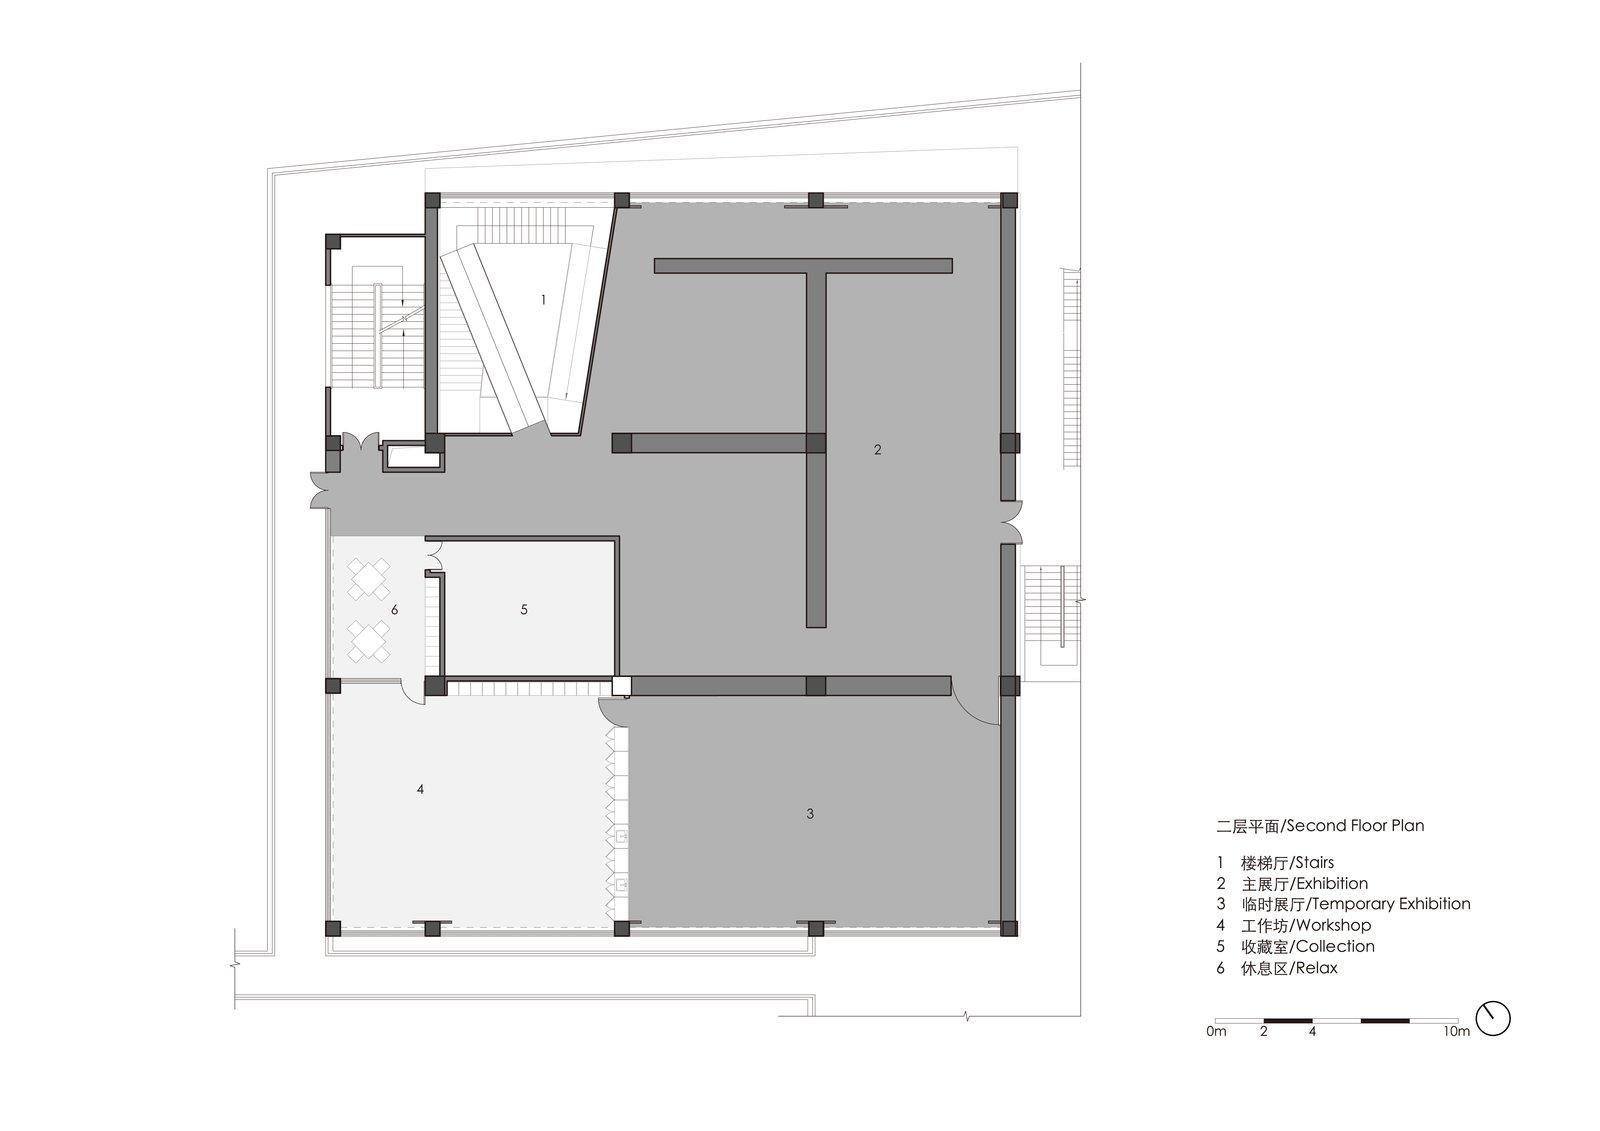 Second floor plan  ZHI ART MUSEUM